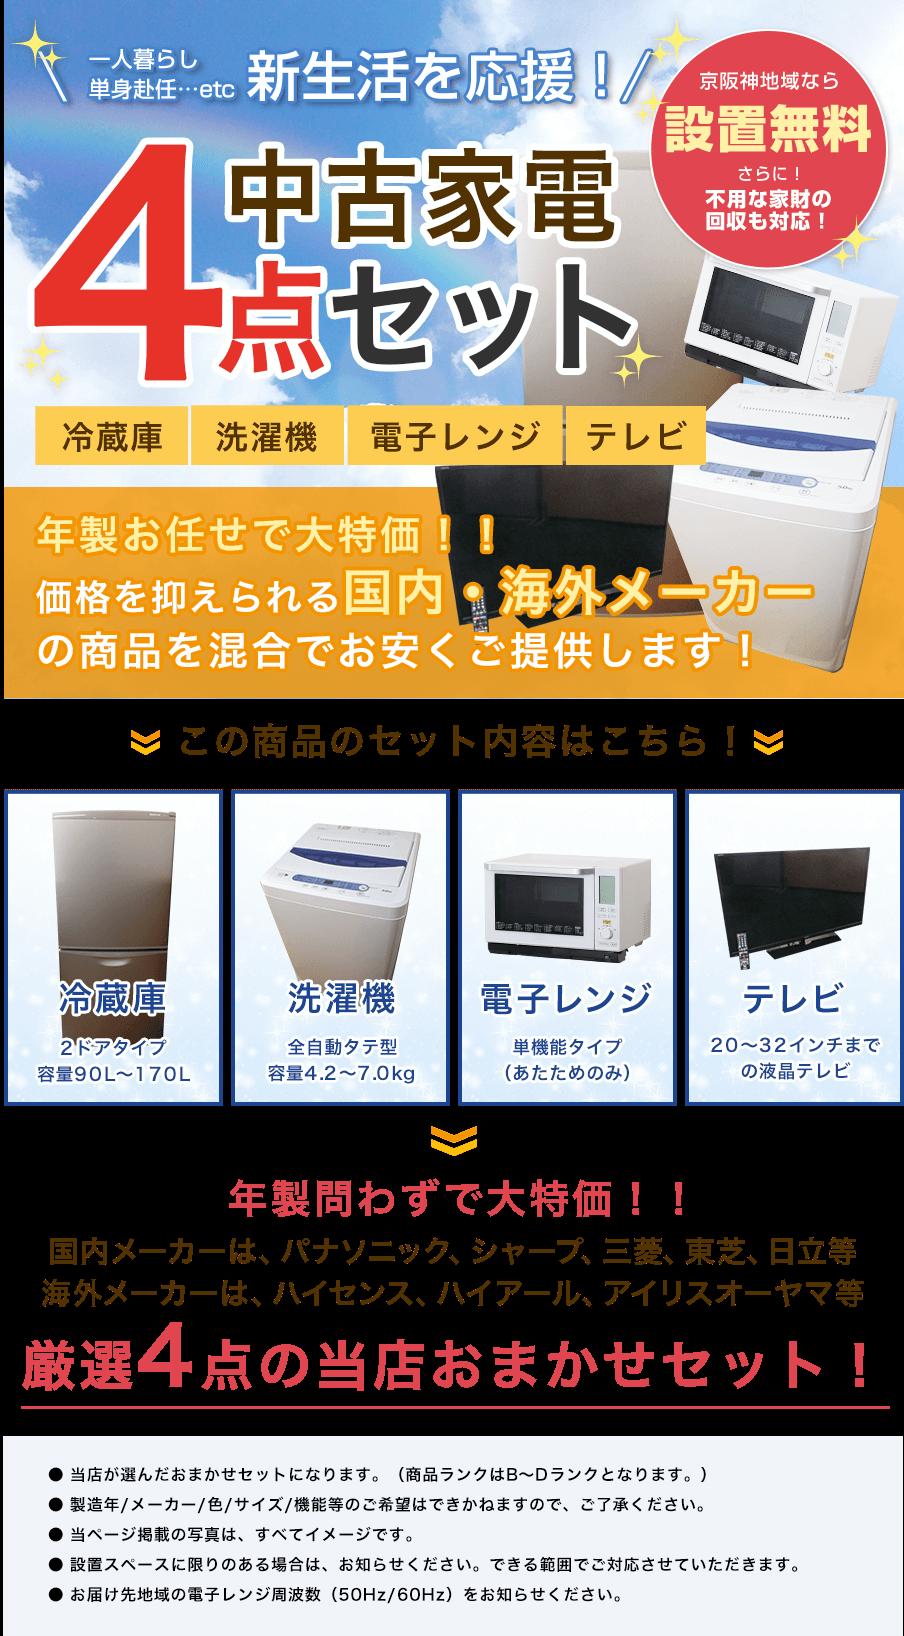 おまかせ大特価家電4点セット(国産・海外メーカー混合)MV